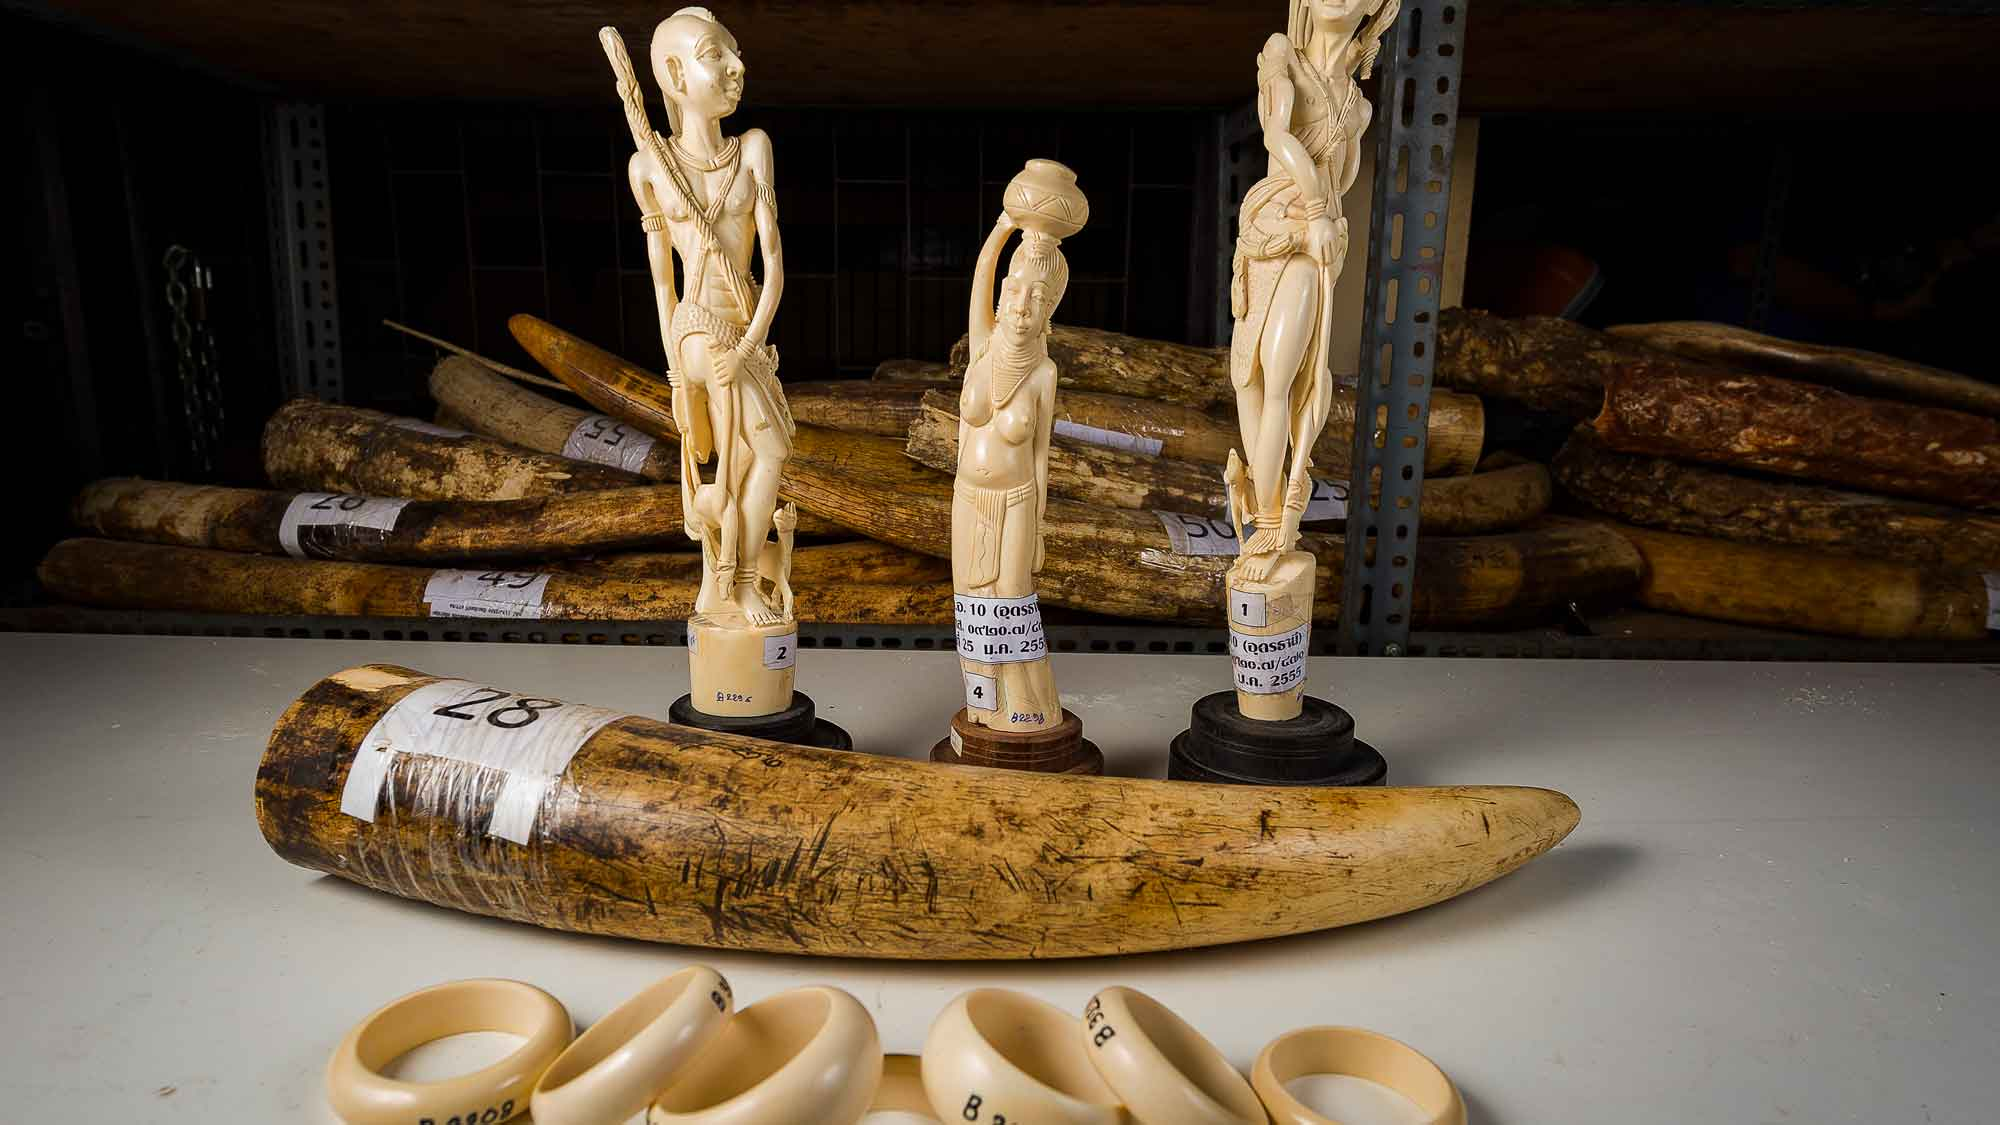 Die EU-Kommission hat vorgeschlagen, den Elfenbeinhandel zu verschärfen. © Ola Jennersten / WWF-Sweden